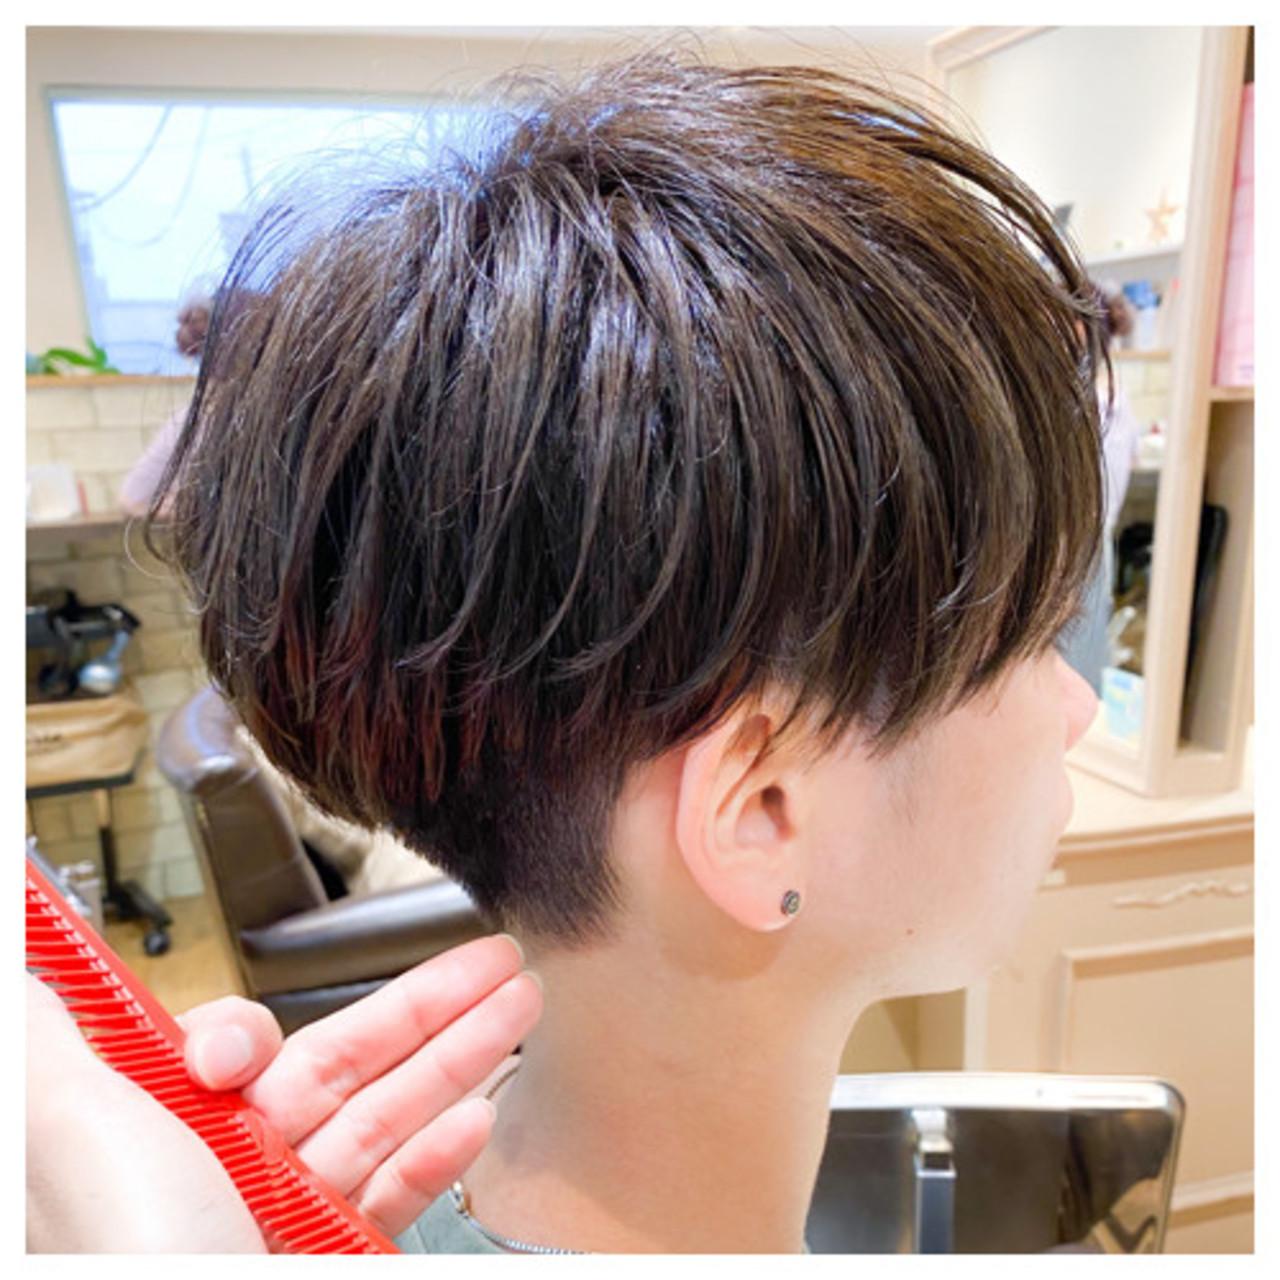 ストリート ショート ショートヘア ツーブロック ヘアスタイルや髪型の写真・画像